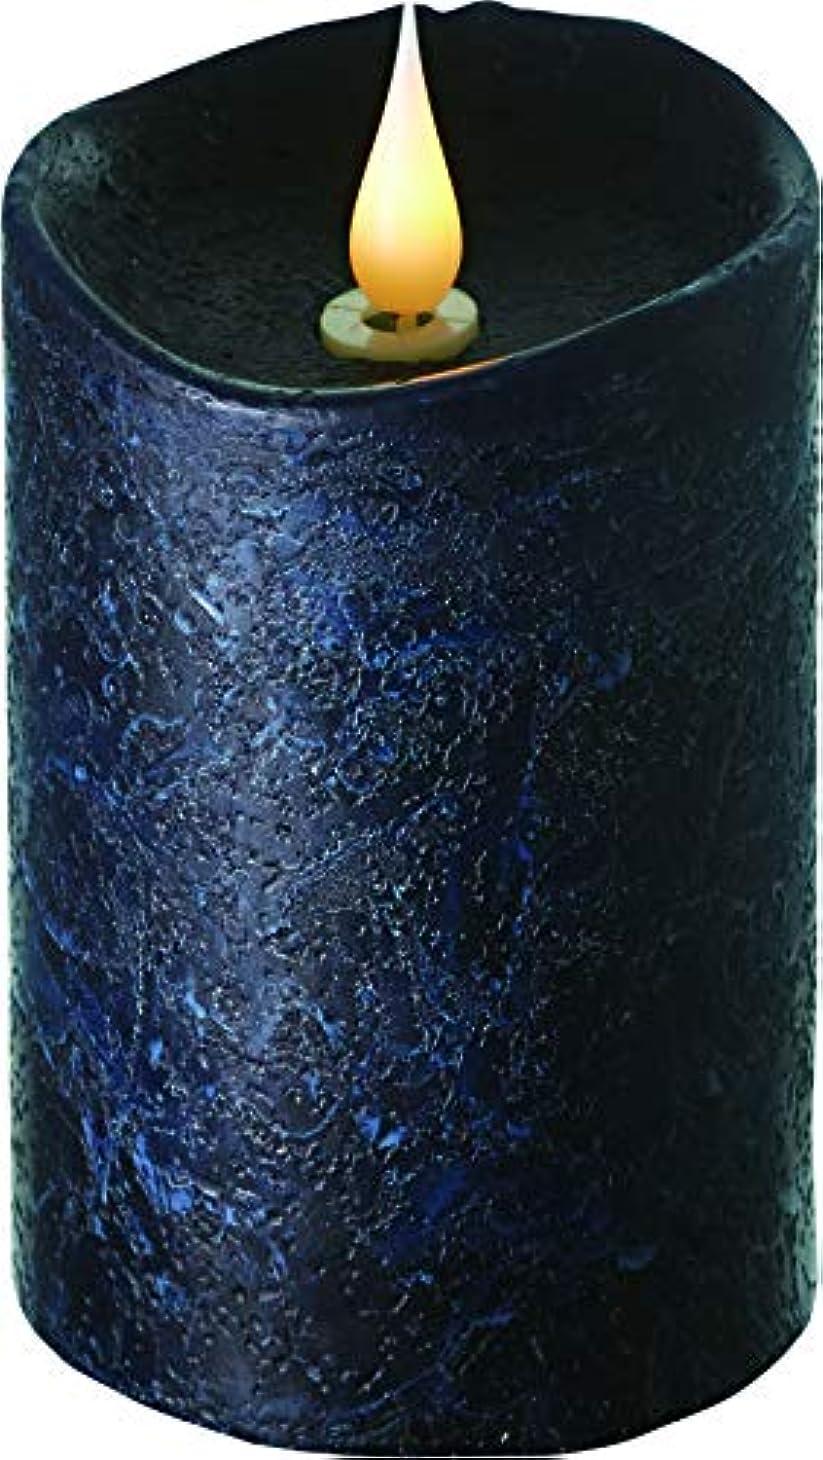 アパートプロペラアクセスエンキンドル 3D LEDキャンドル ラスティクピラー 直径7.6cm×高さ13.5cm ブラック